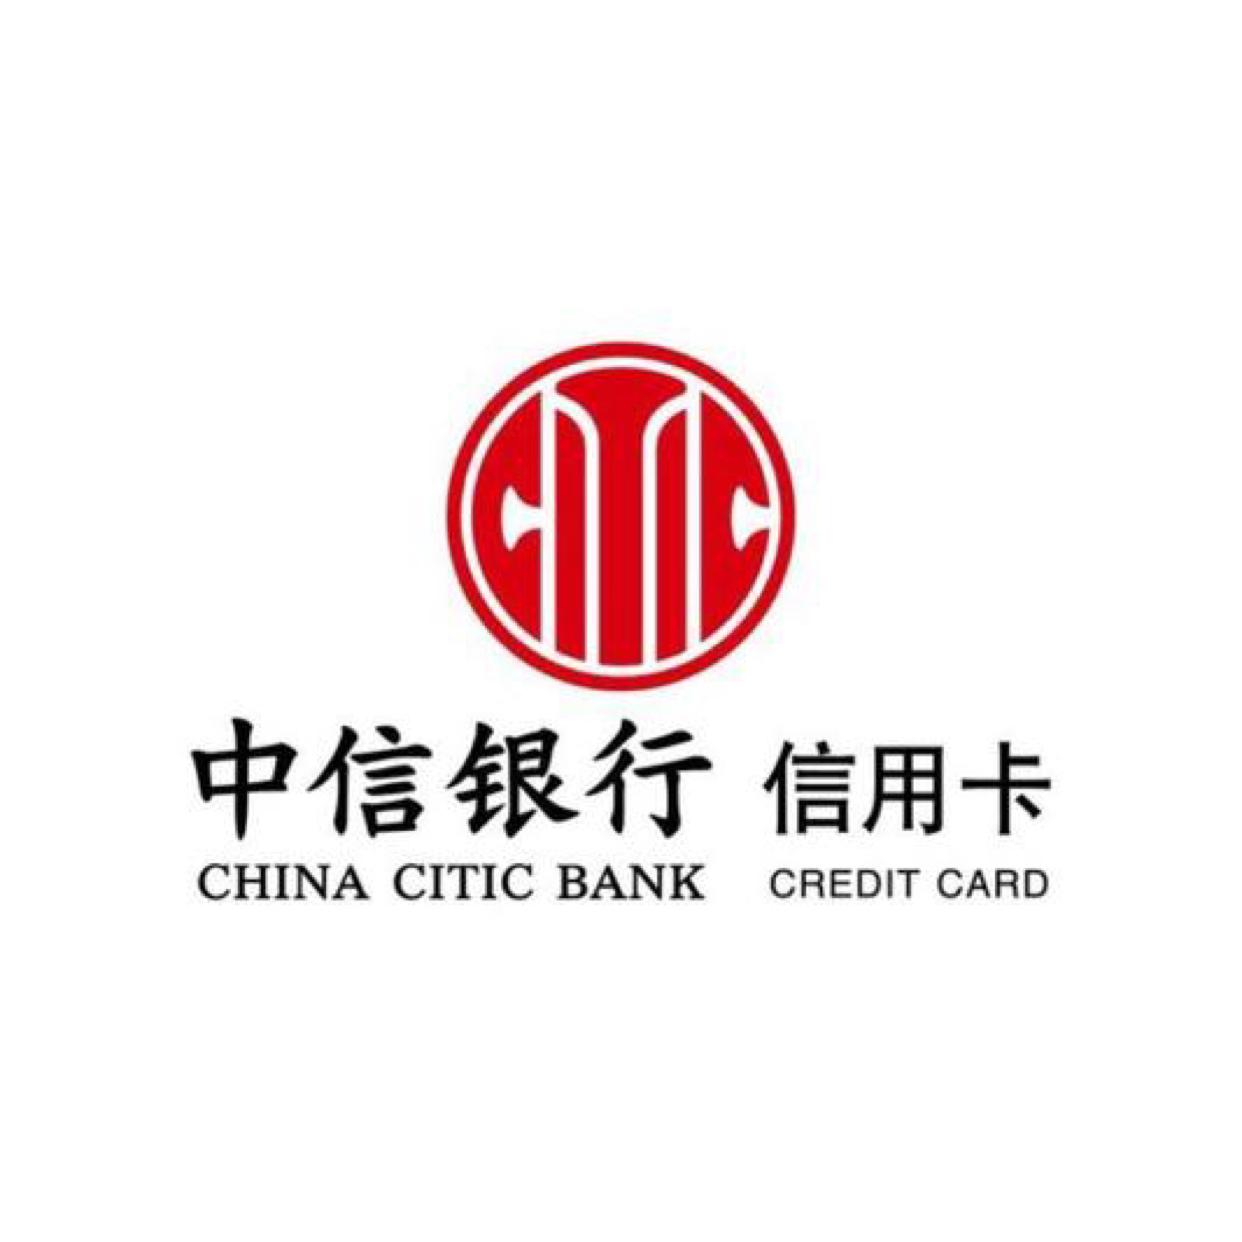 中信銀行股份有限公司信用卡中心南寧分中心